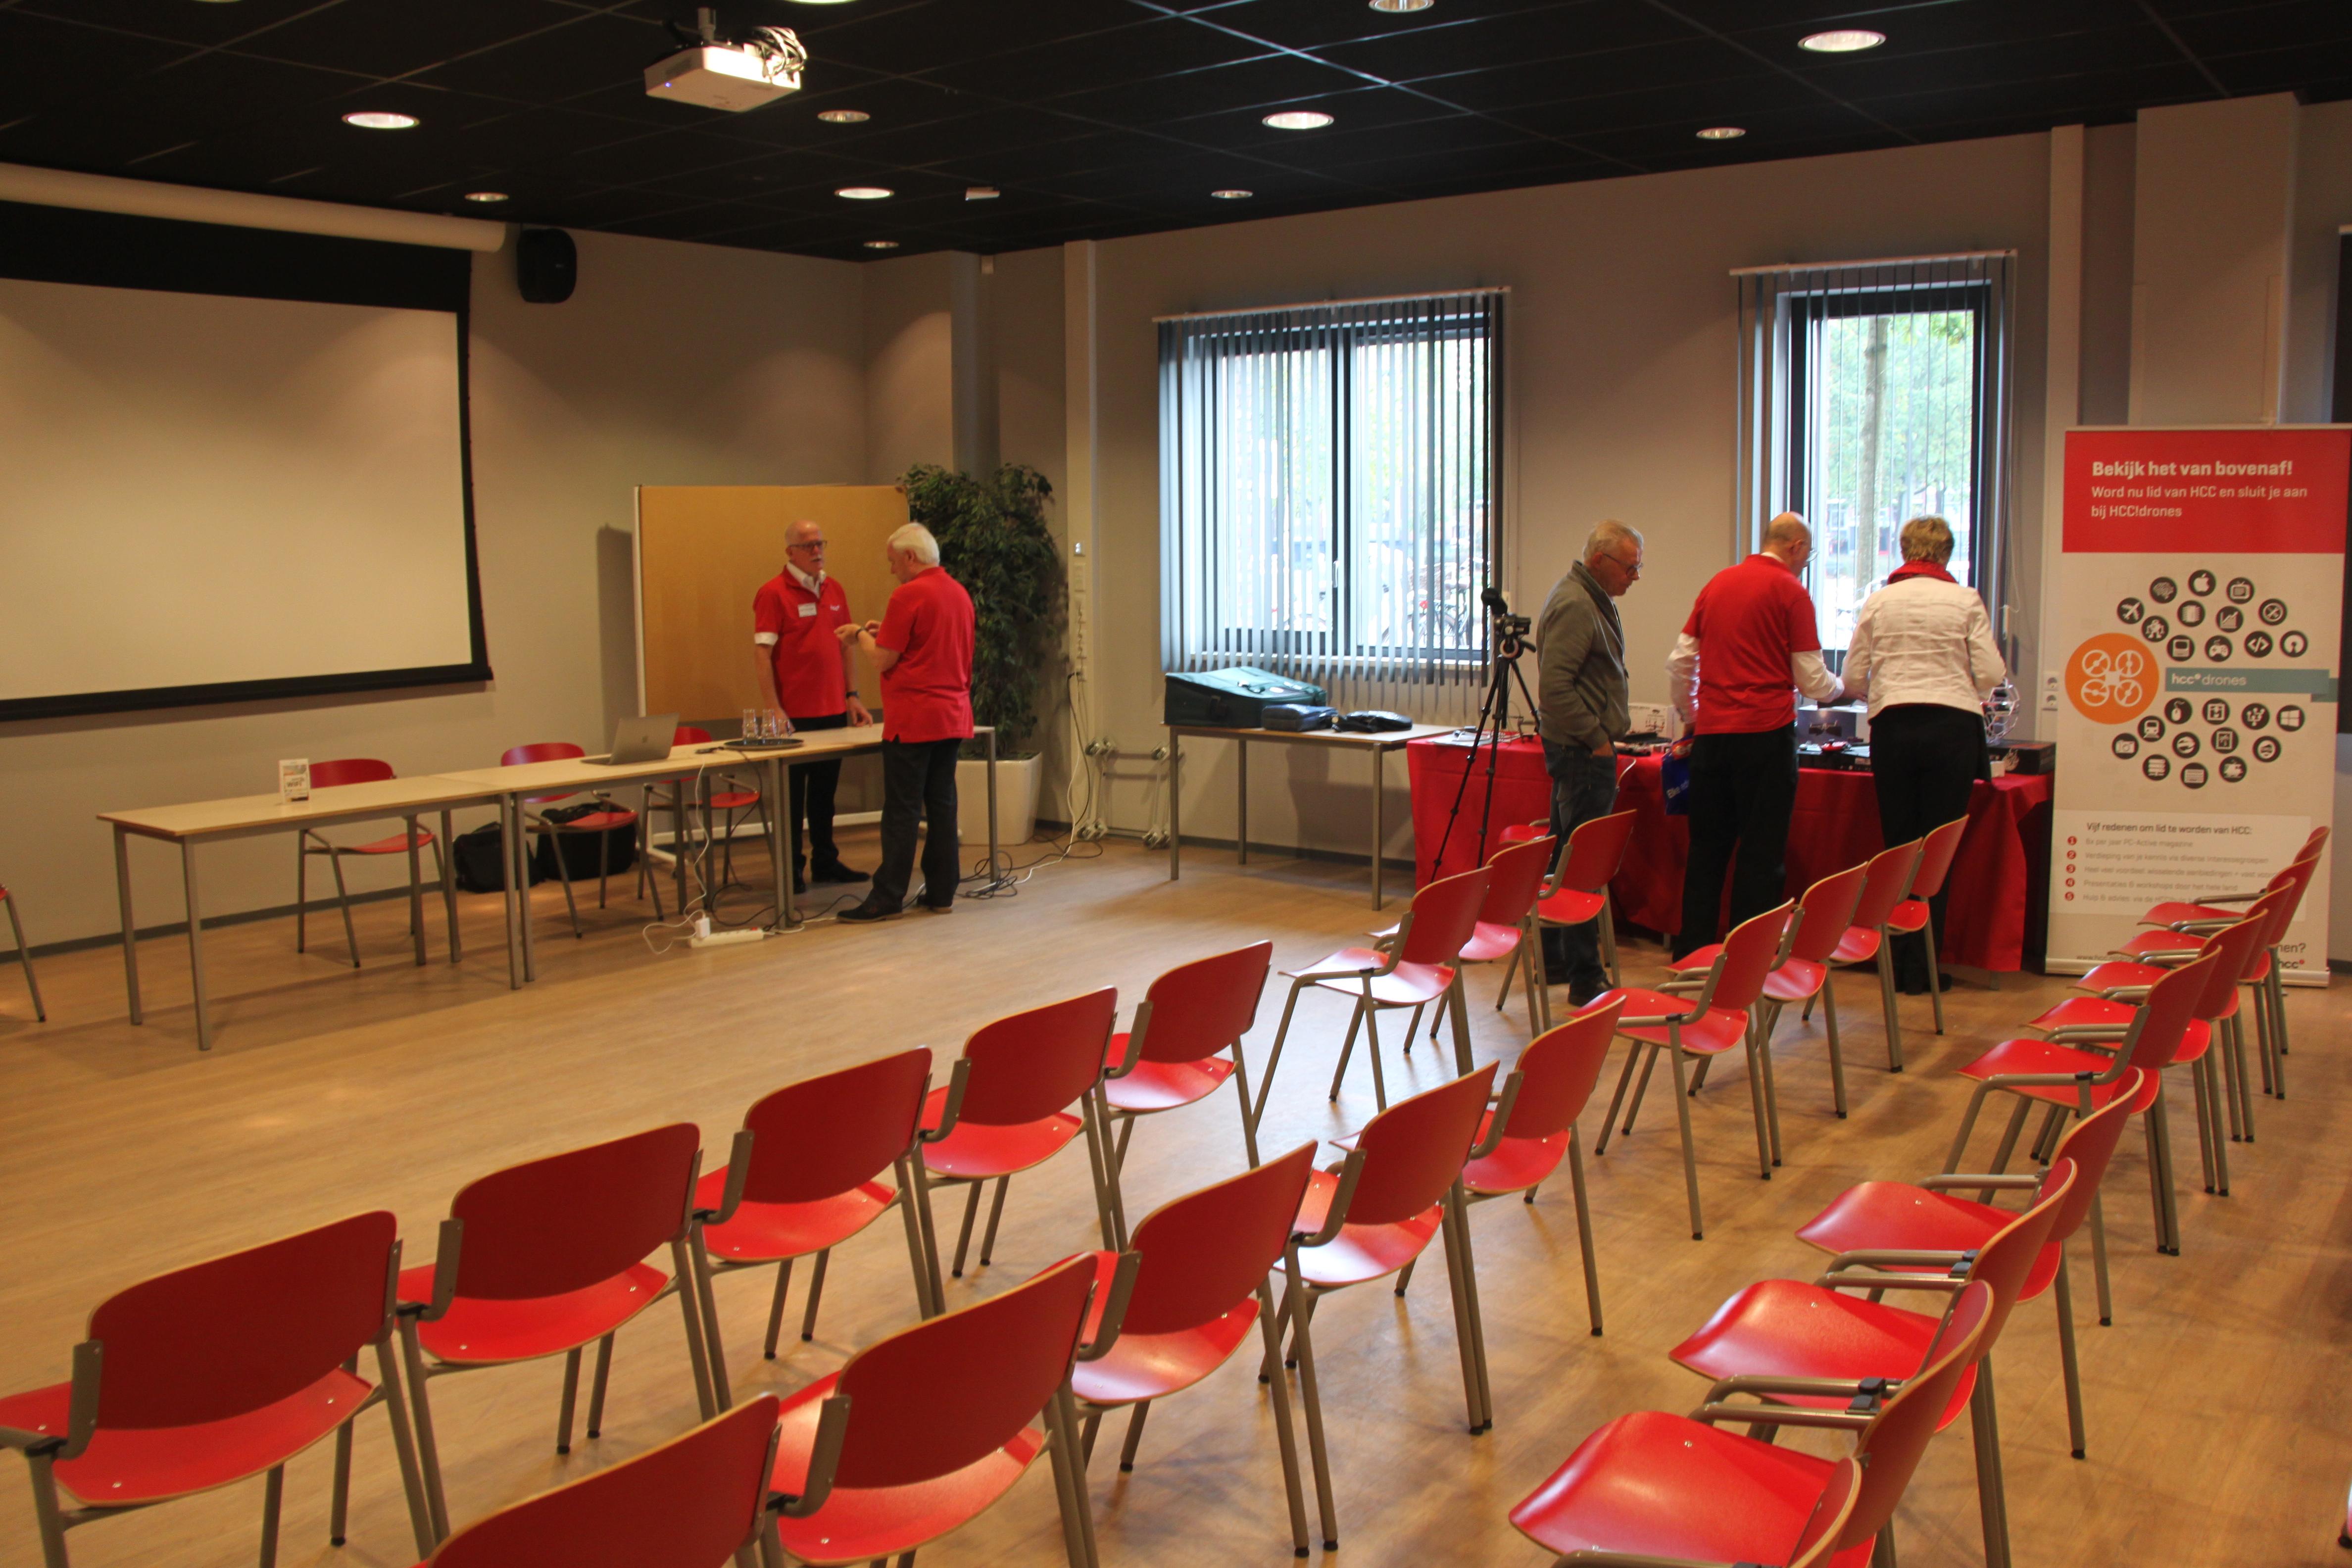 2018-10-20 - 08 - HCC!fotovideo event - dok Zuid - Apeldoorn